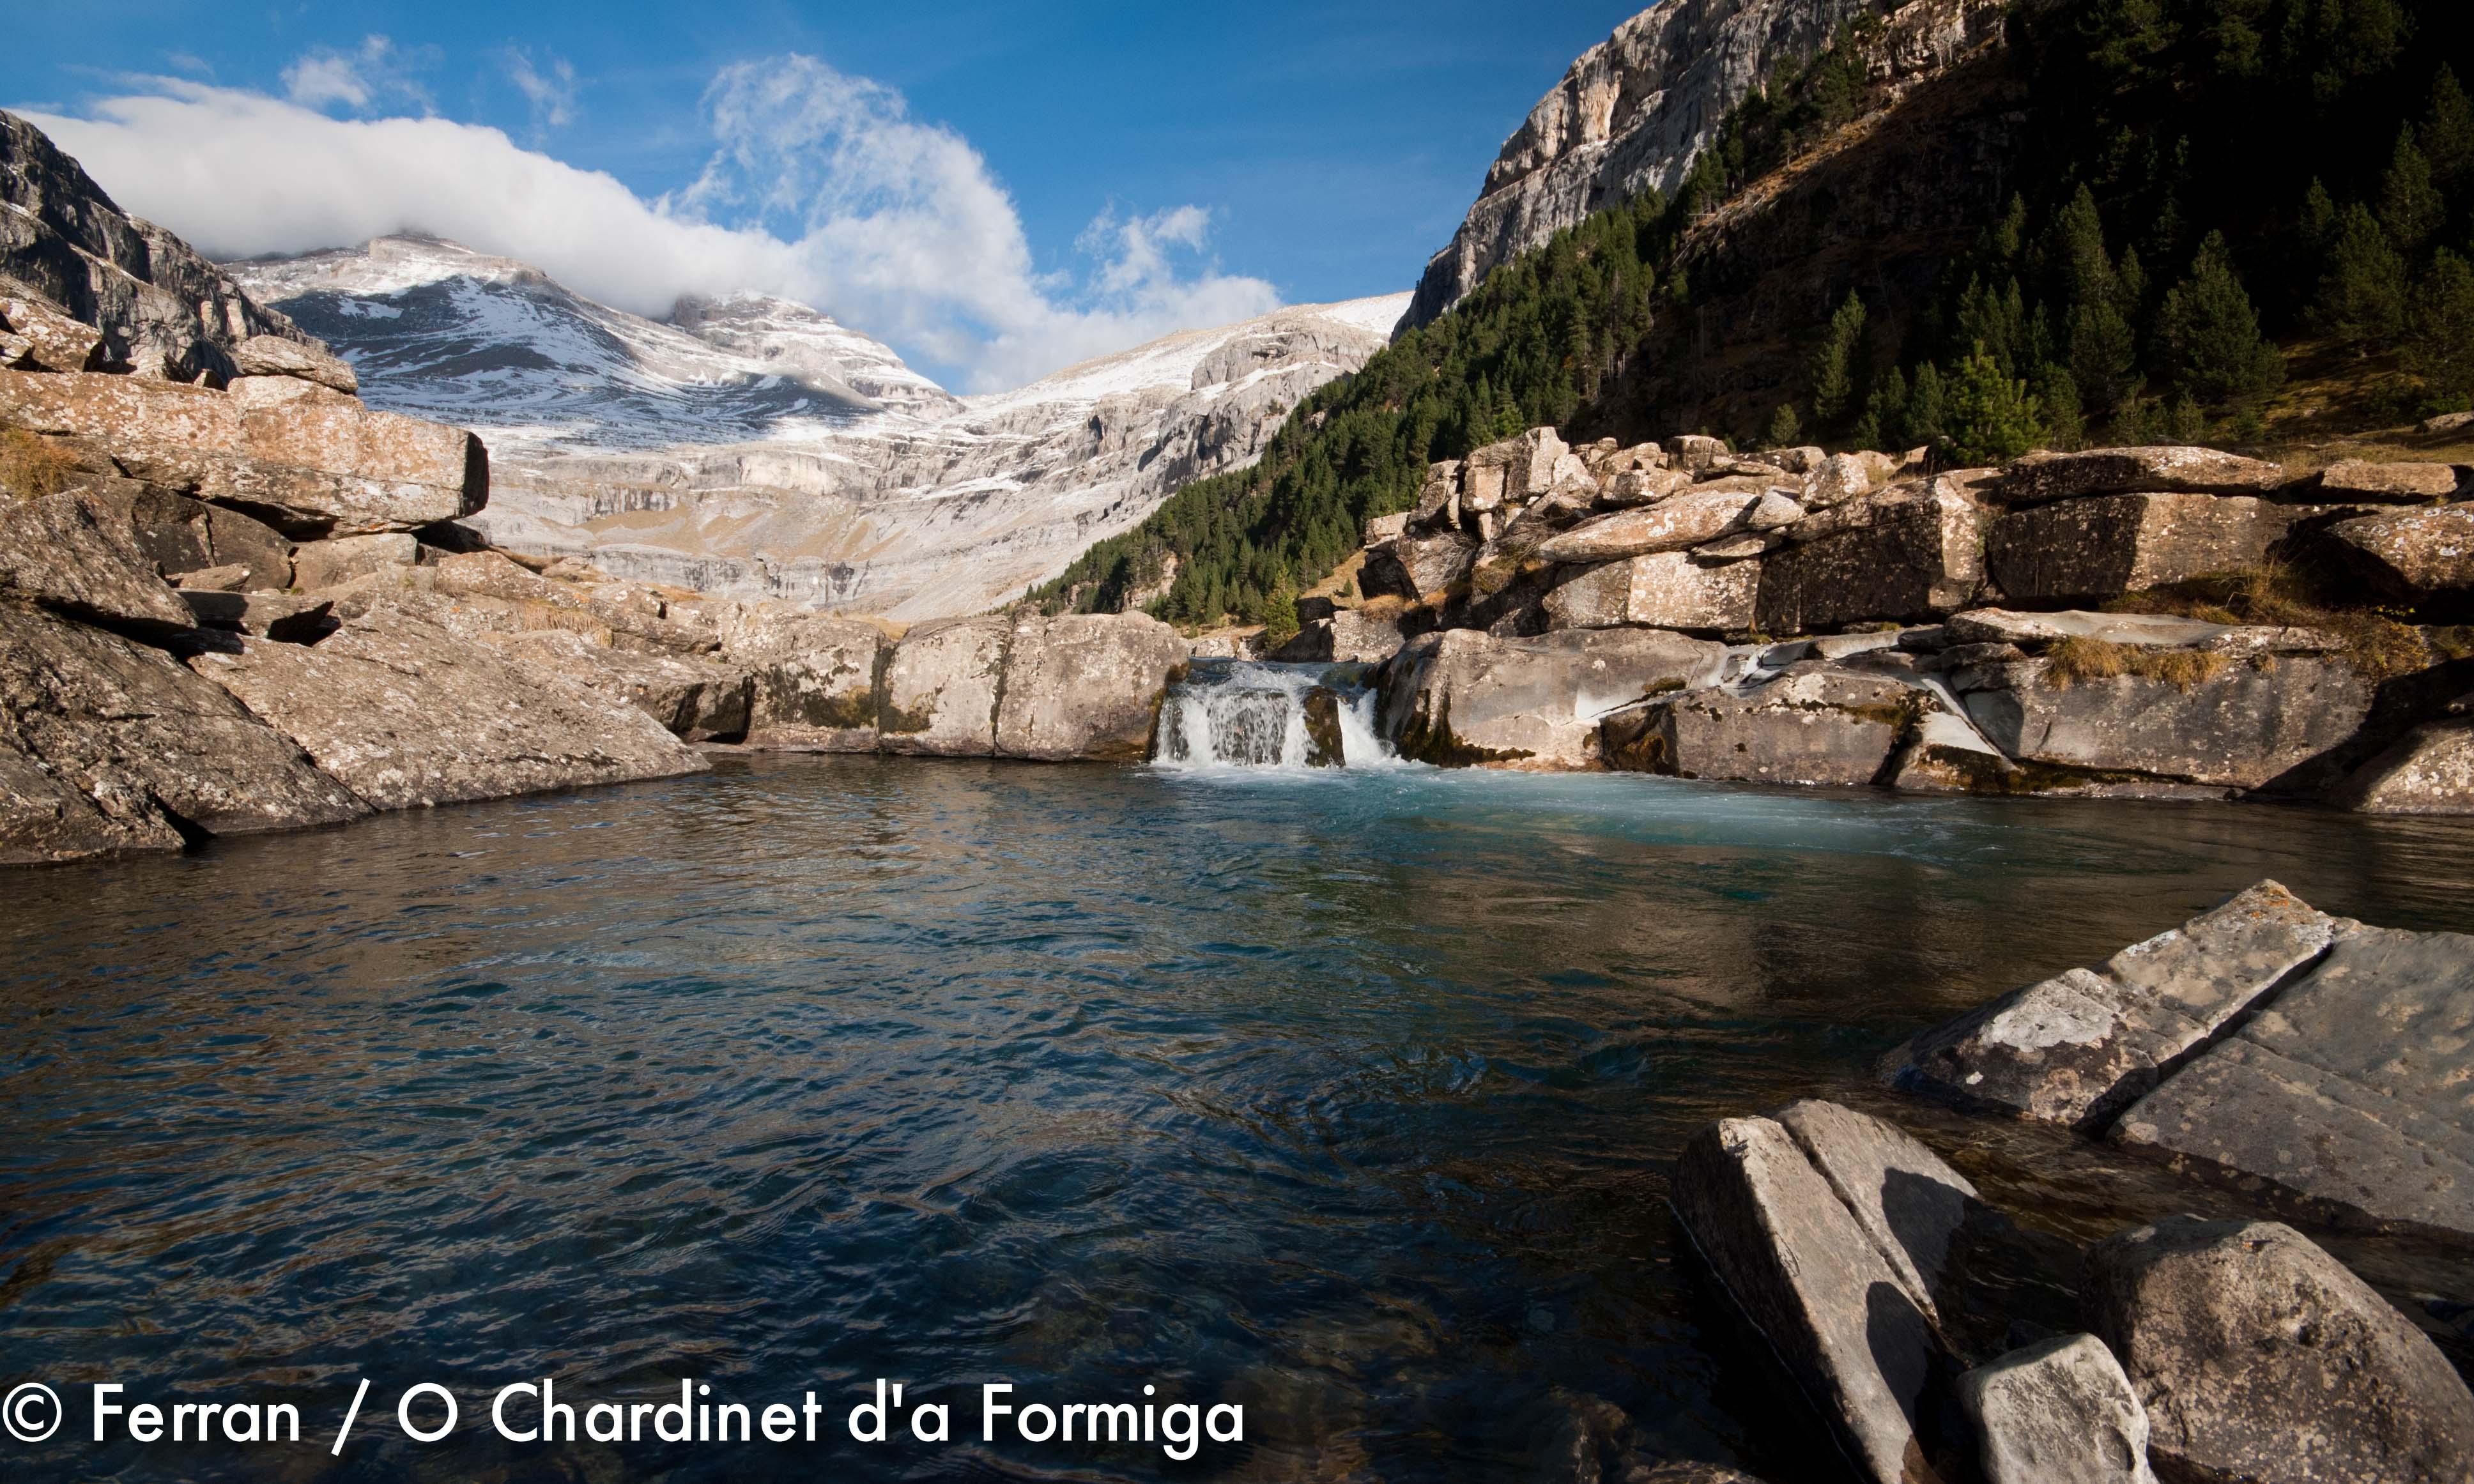 Valle de Ordesa. Parque Nacional. Naturaleza. Senderismo. Aventura. O Chardinet d'a Formiga. Turismo. Pirineo Aragonés. Huesca.